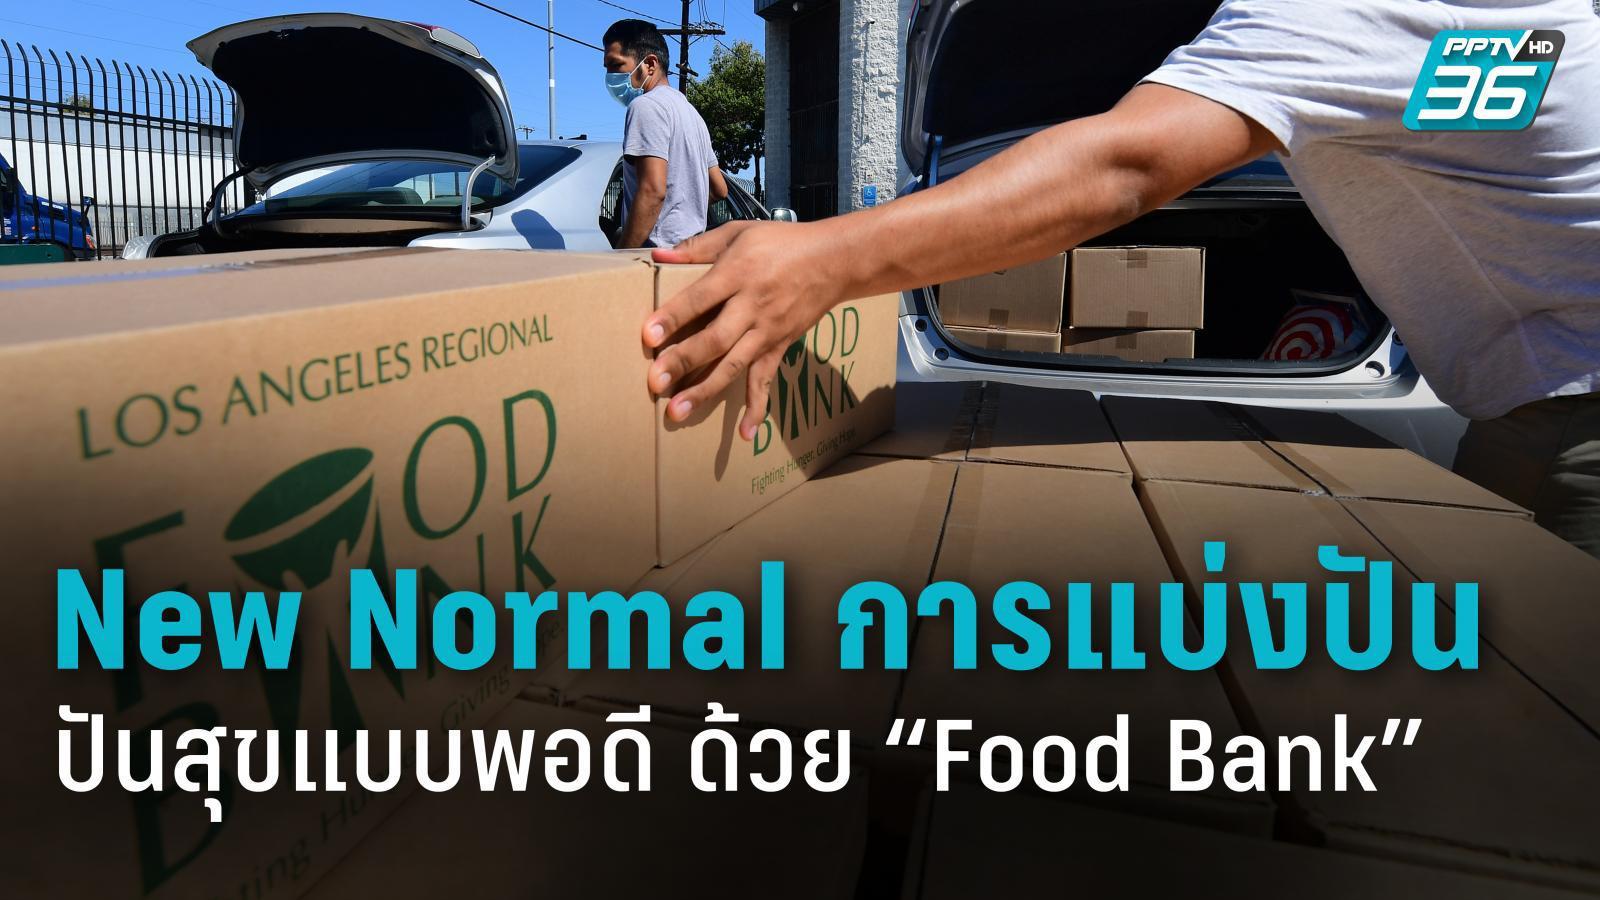 """""""ธนาคารอาหาร"""" New Normal การแบ่งปันอย่างเป็นระบบ ช่วงโควิด-19"""